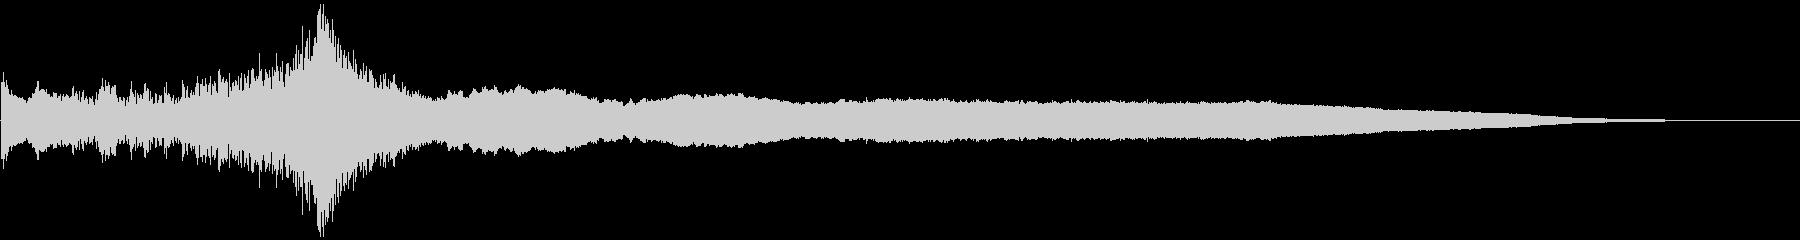 【ライザー】SF映画_08 ウイーンッ!の未再生の波形